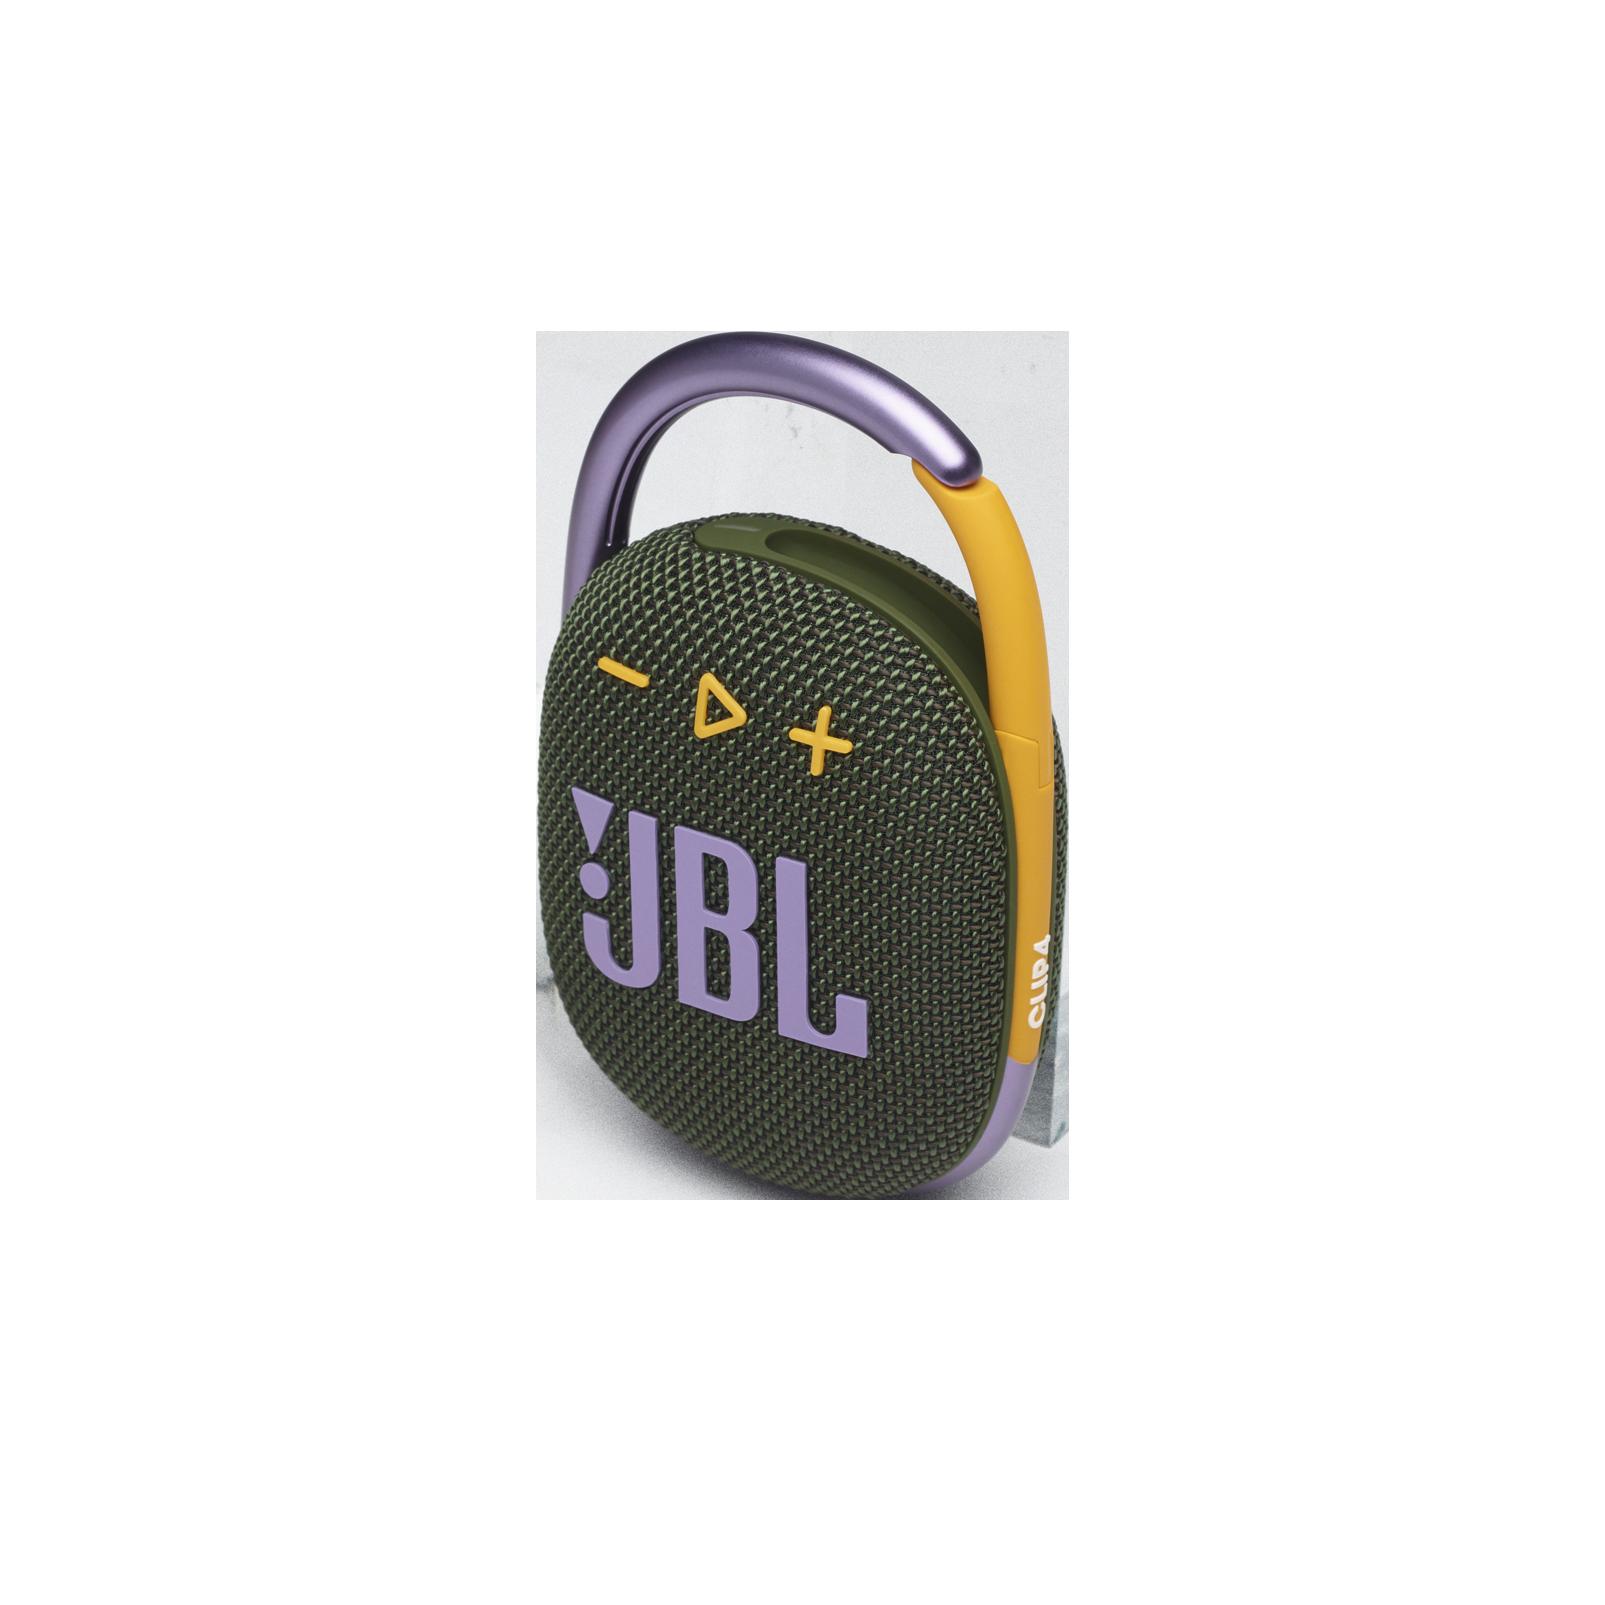 JBL CLIP 4 - Green - Ultra-portable Waterproof Speaker - Detailshot 2